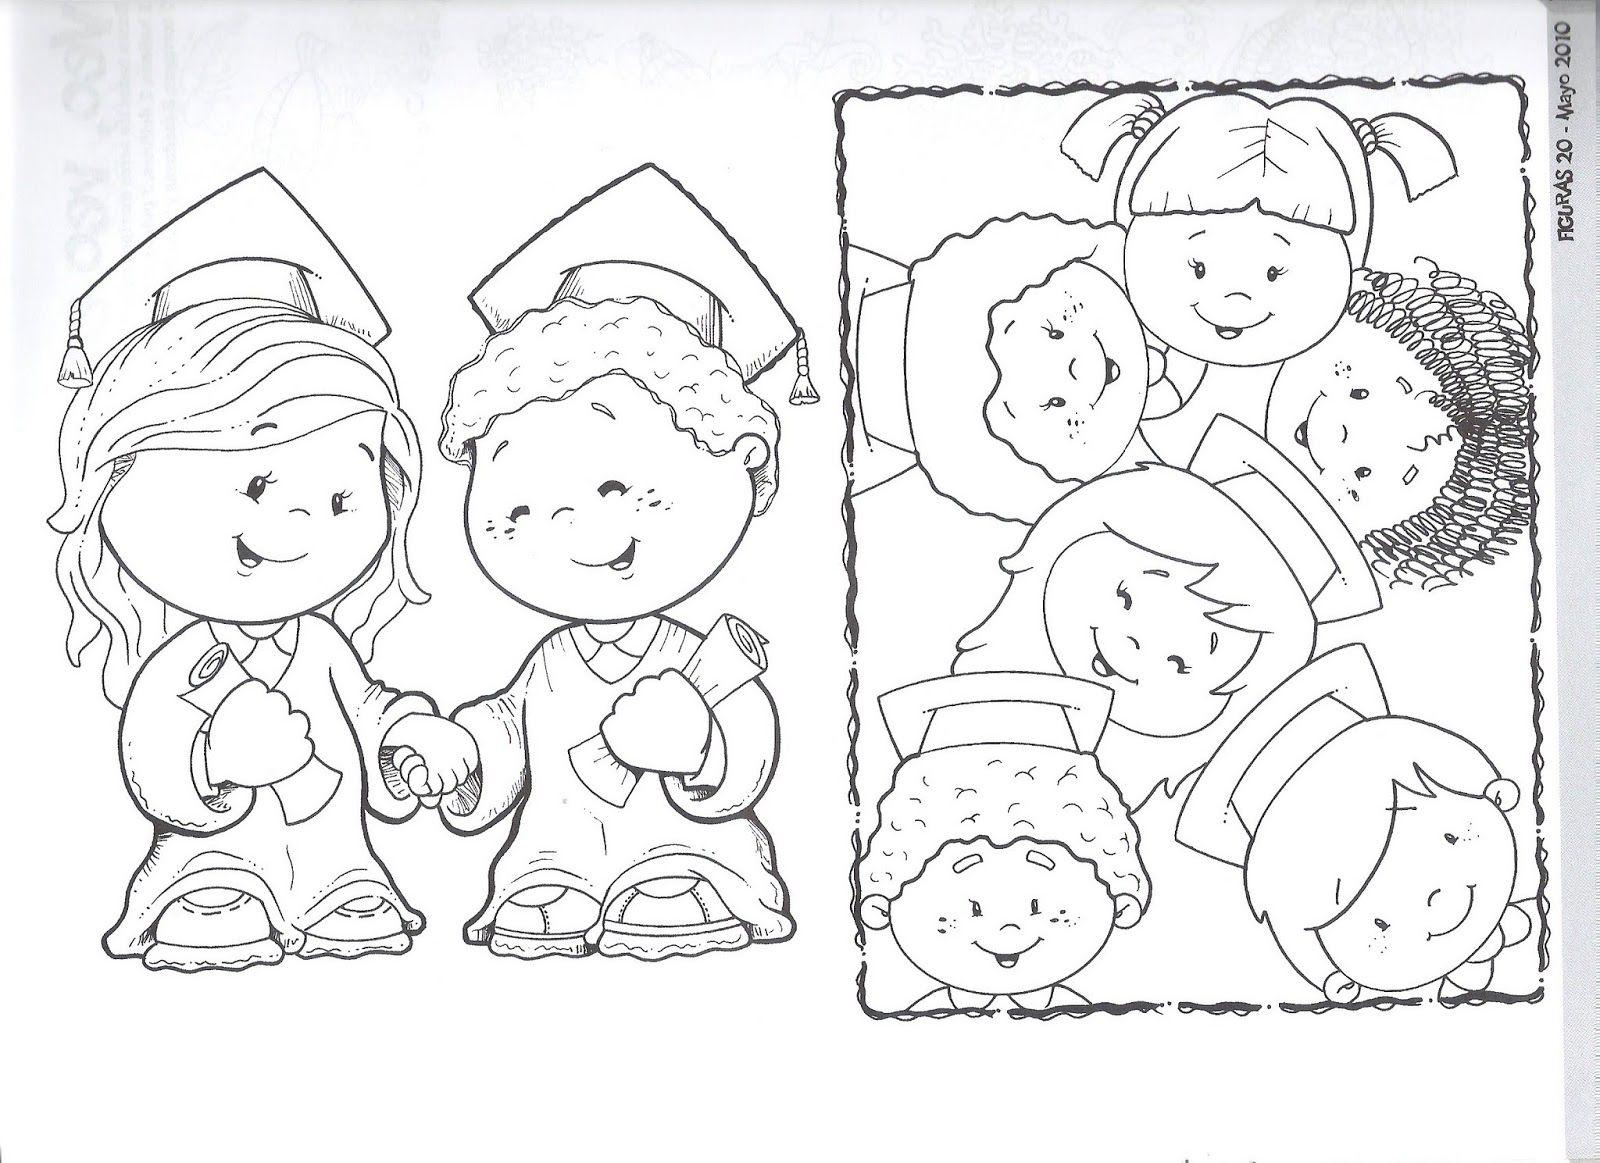 Juani maestra infantil: Dibujos para colorear: El verano y